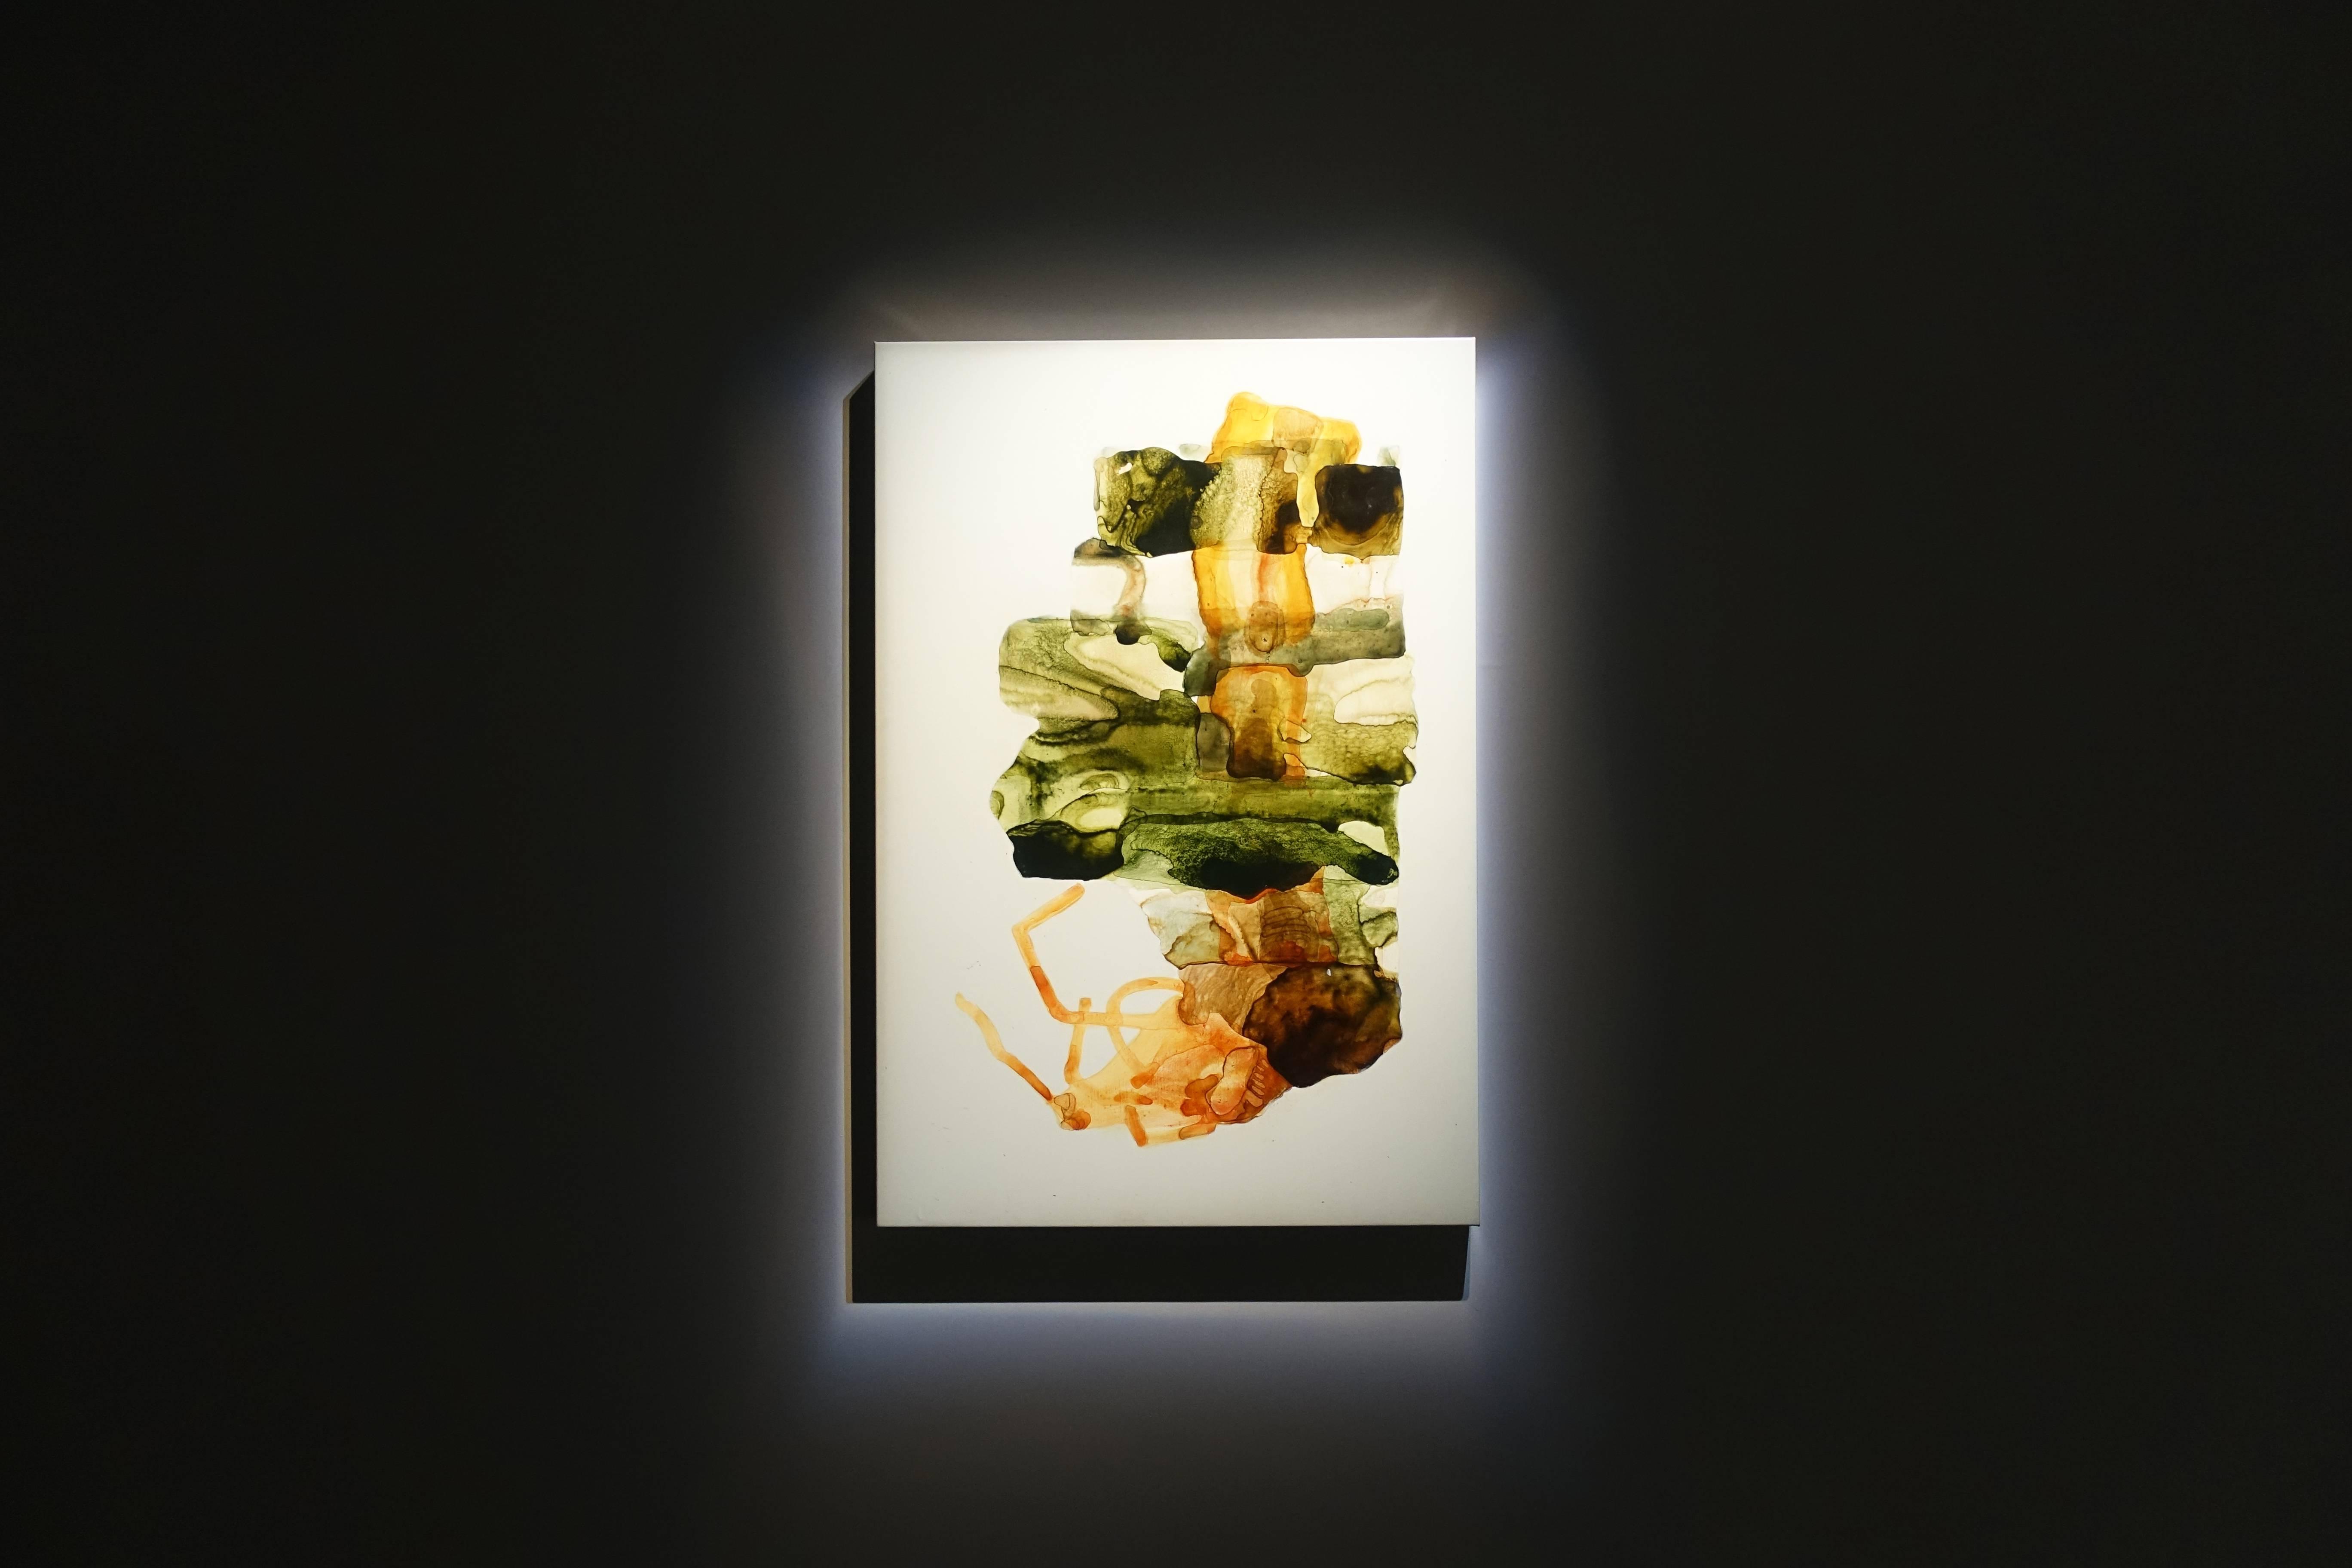 薩伊夫.加里波第,《可信的微生物#6》,壓克力畫布,2018。圖/譚竣鴻攝。